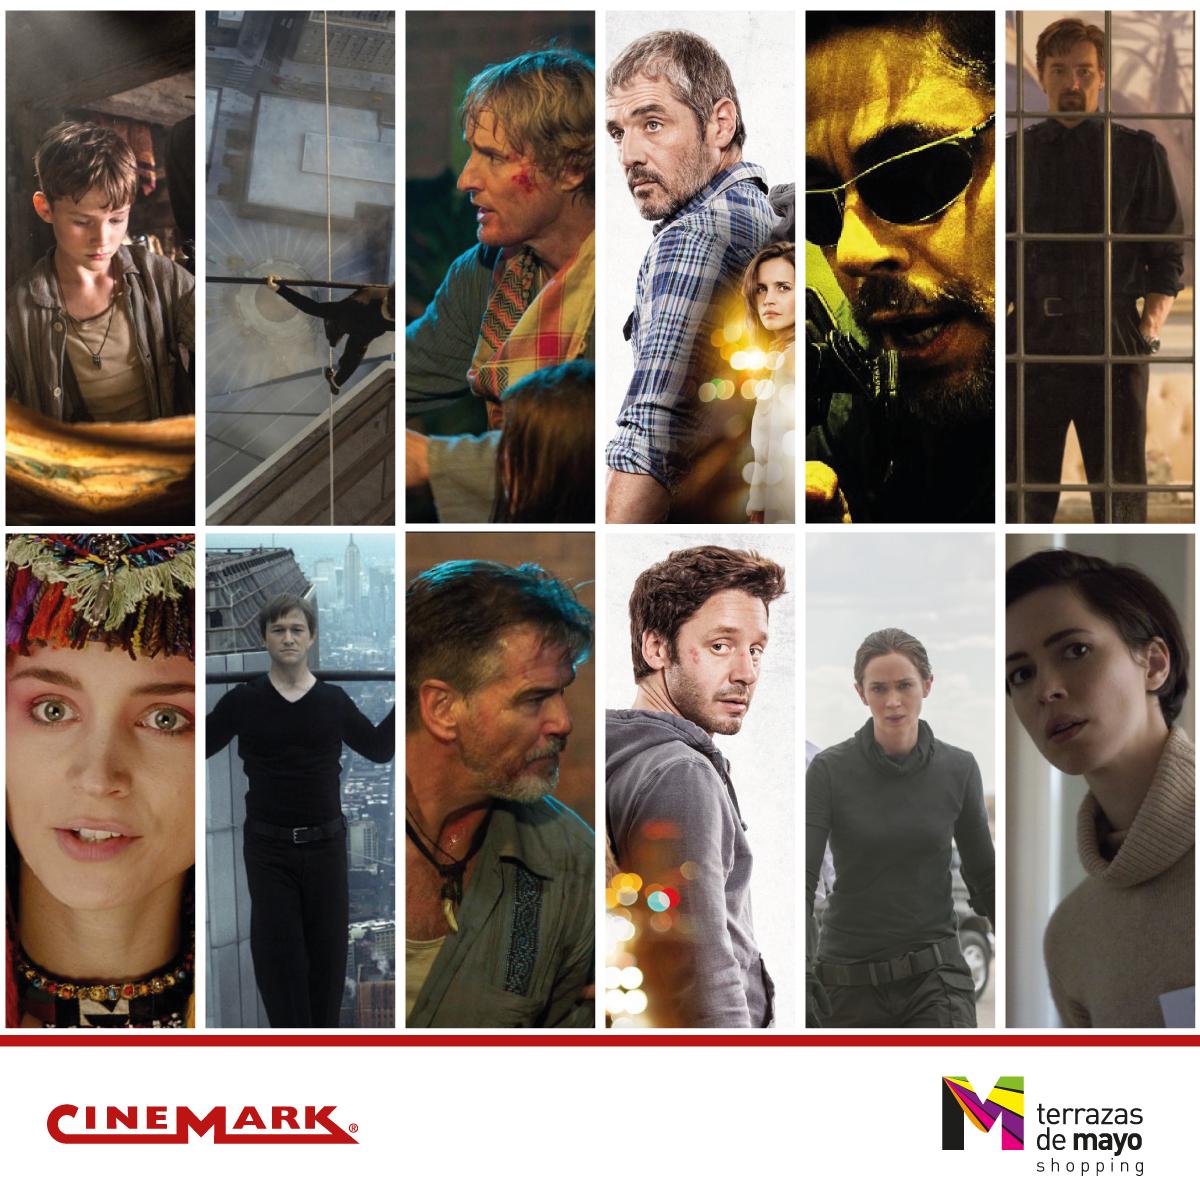 Juevesdecine En Terrazasdemayo Consulta Los Horarios De Cinemark Y Adquiri Tus Entradas En Bit Ly Cinetdm Cinemark Cine Pel Peliculas S Cine Carteleras